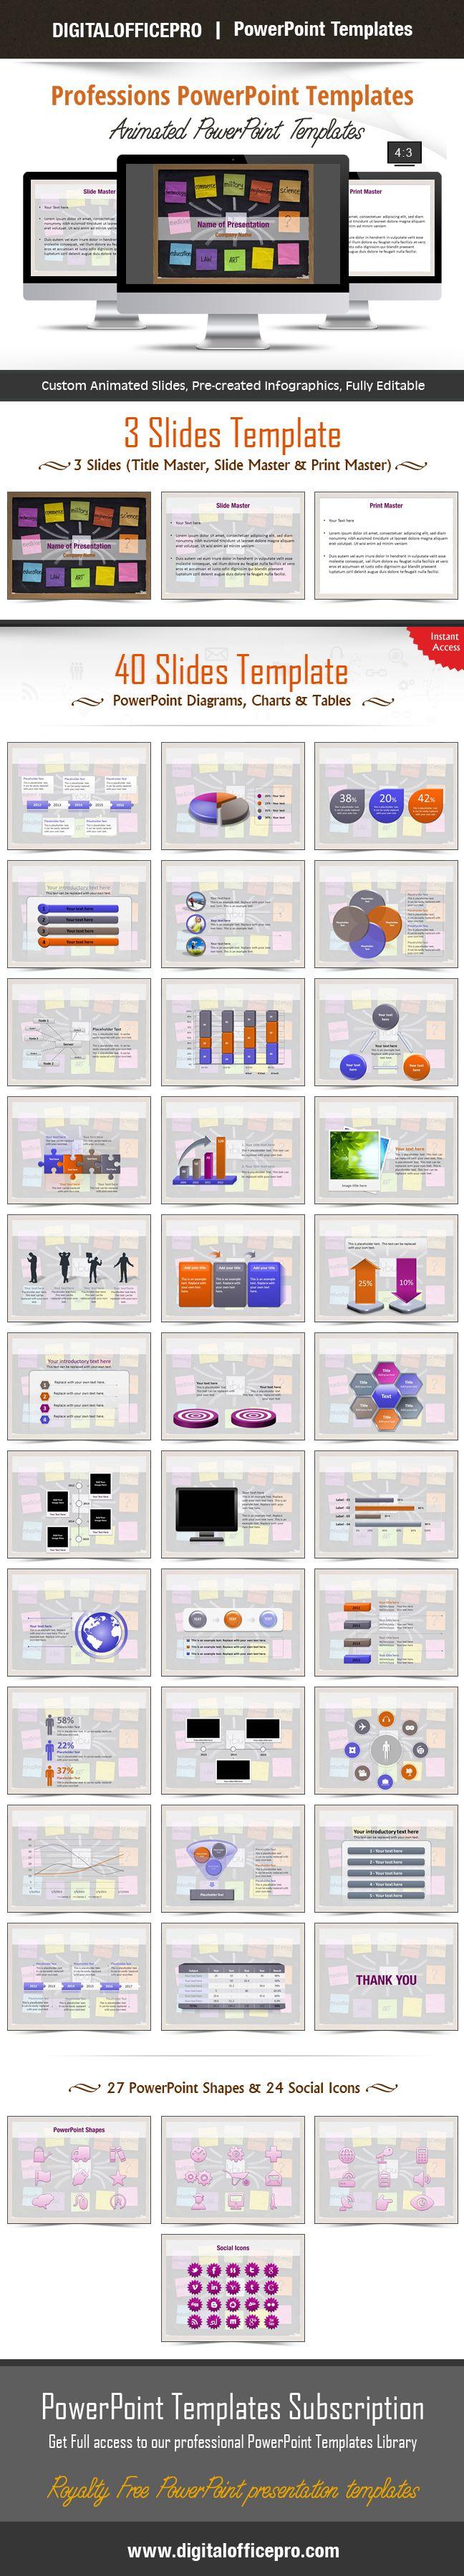 Die besten 25 Powerpoint präsentation aufbau Ideen auf Pinterest